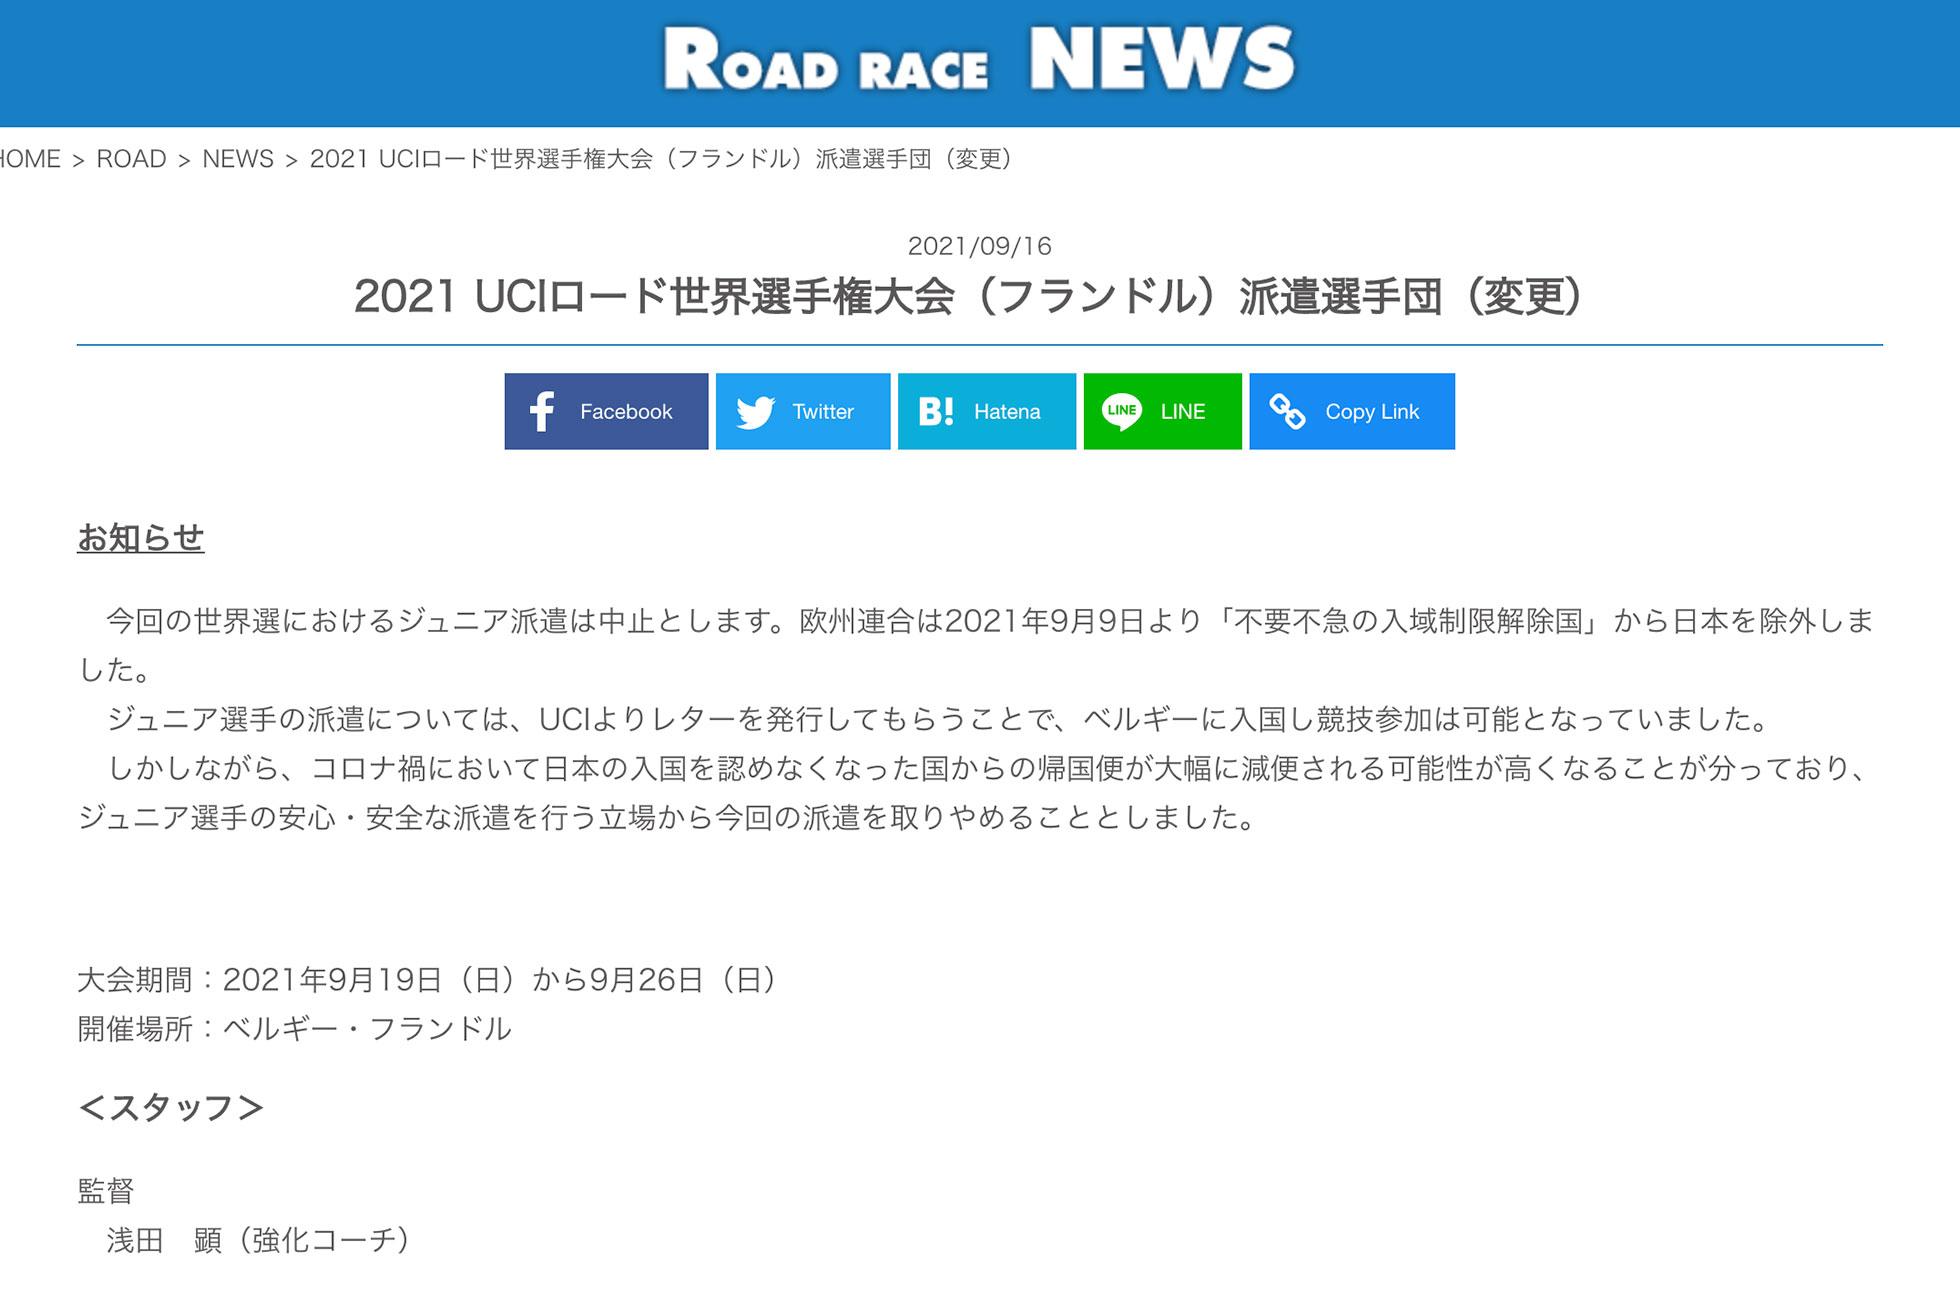 ロード世界選手権ジュニアカテゴリの派遣を断念/2021 UCIロード世界選手権